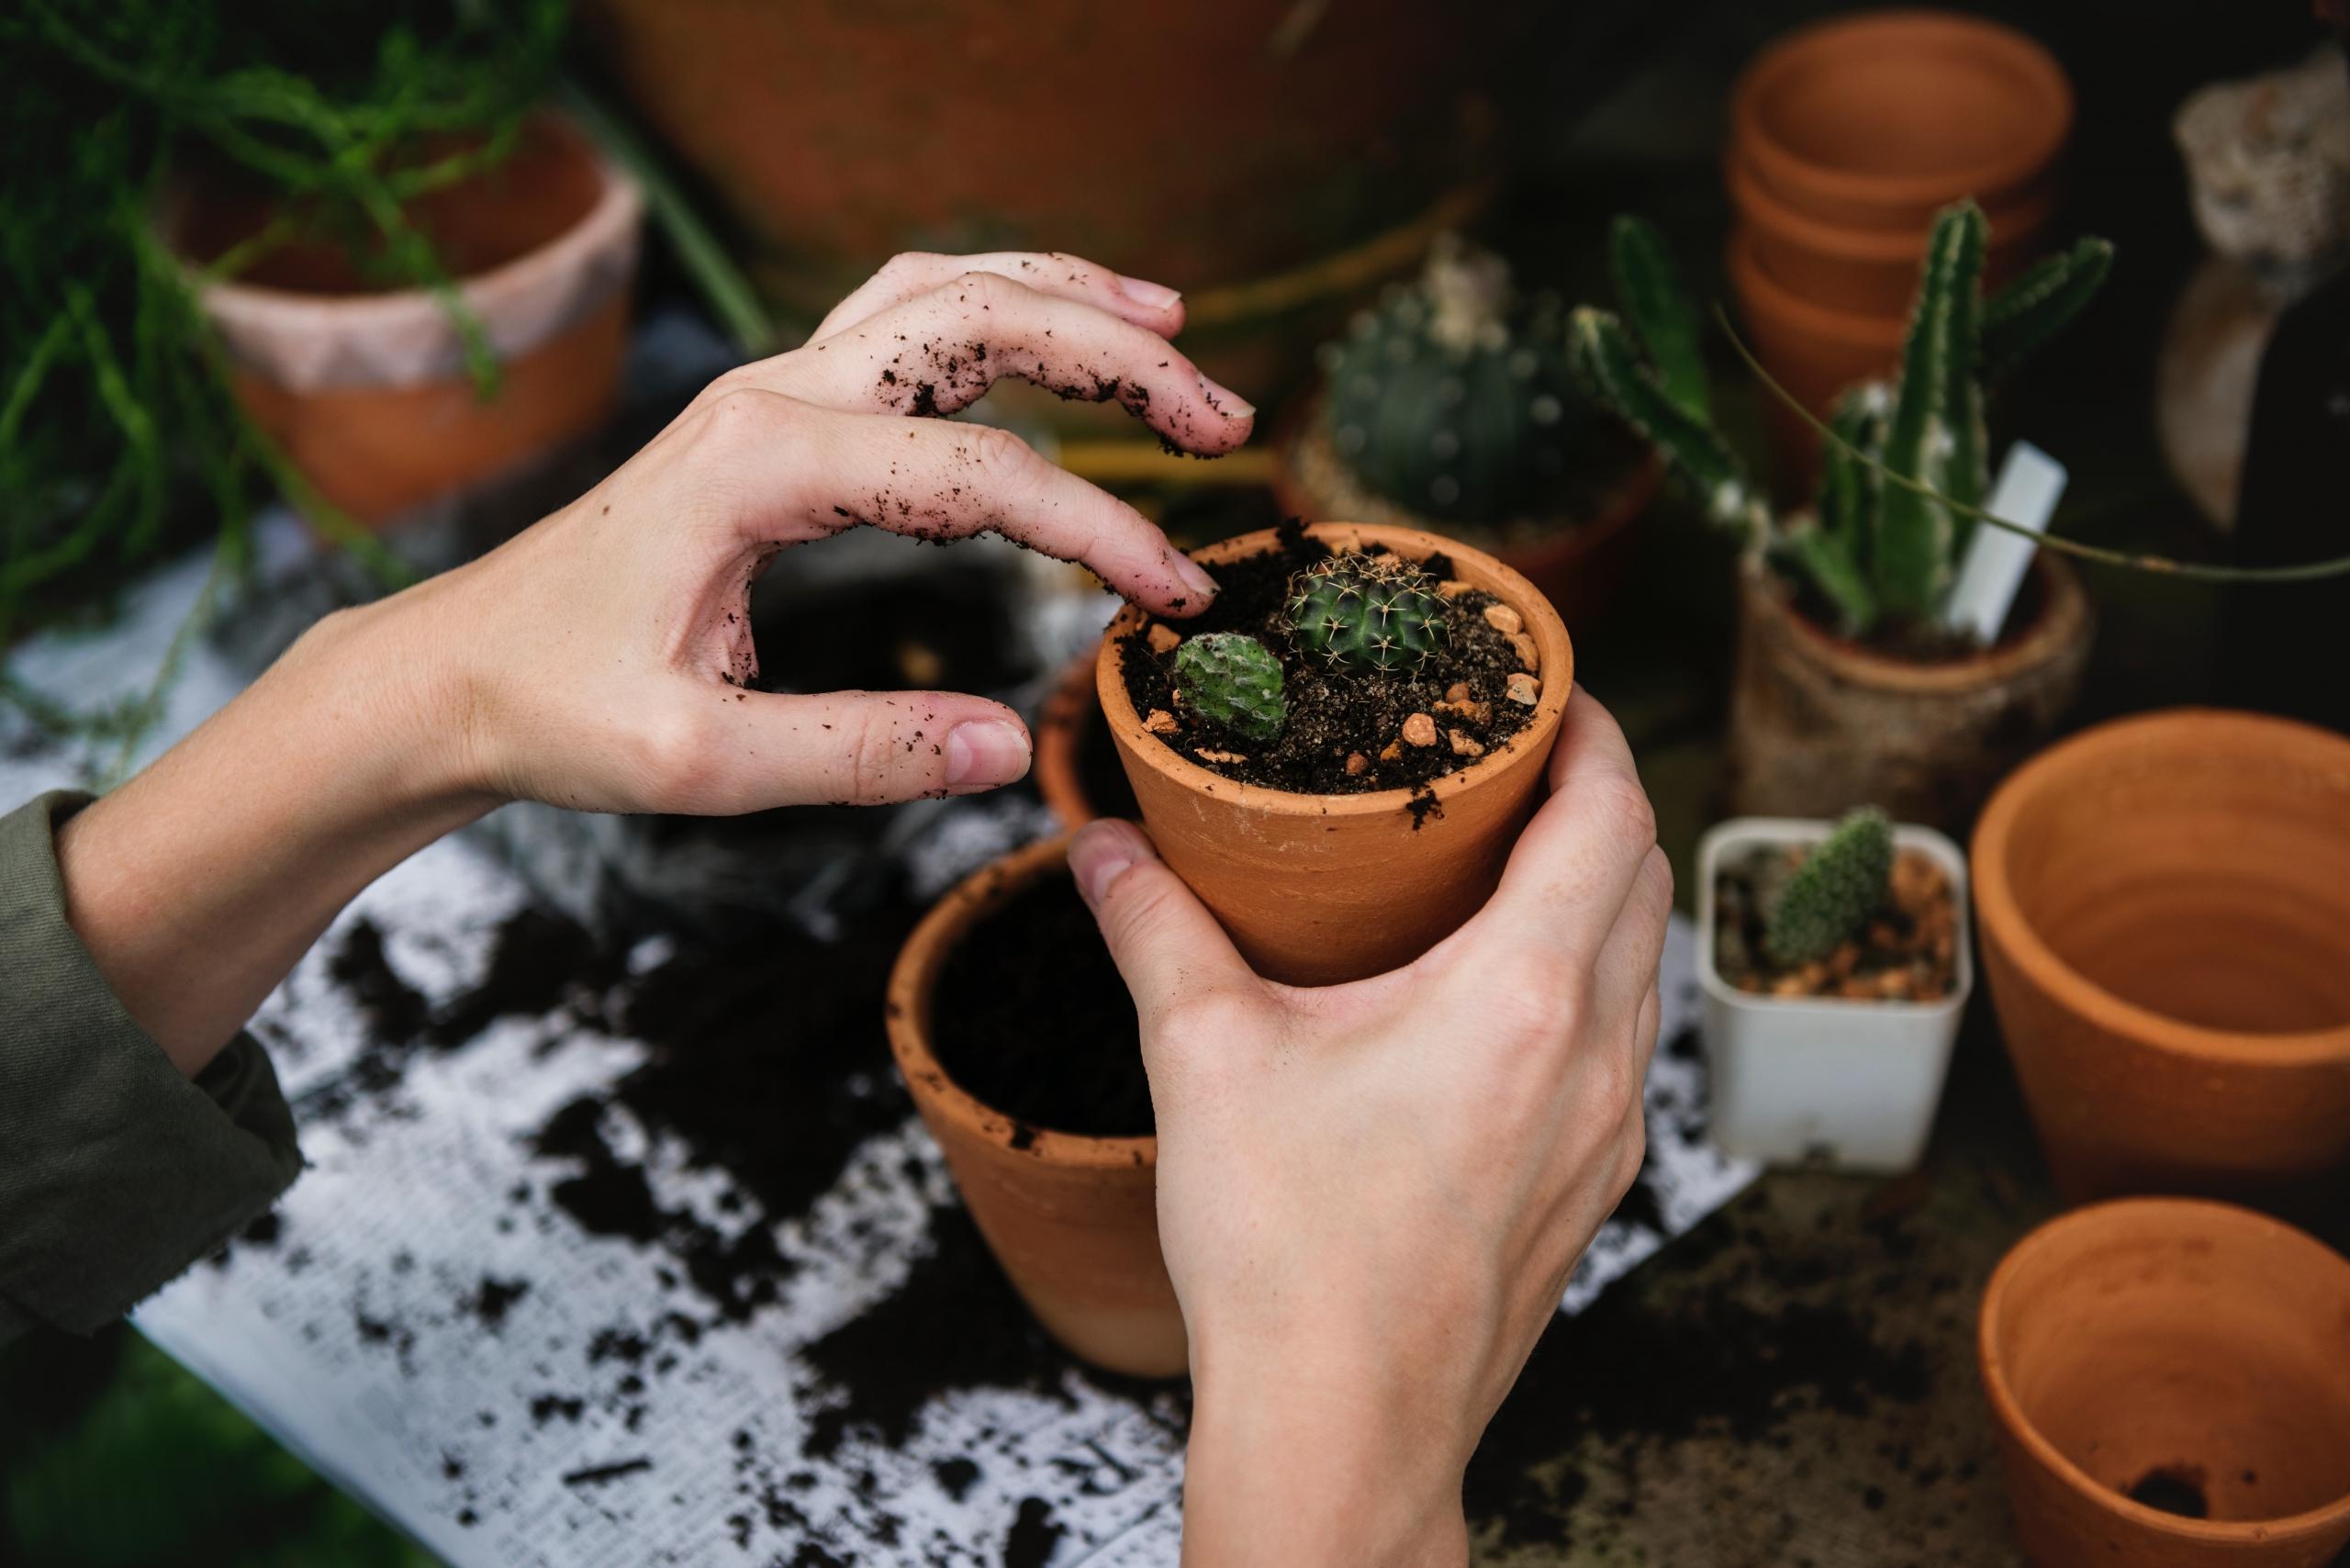 4 jel, ami arra utal, hogy át kell ültetned a szobanövényeidet